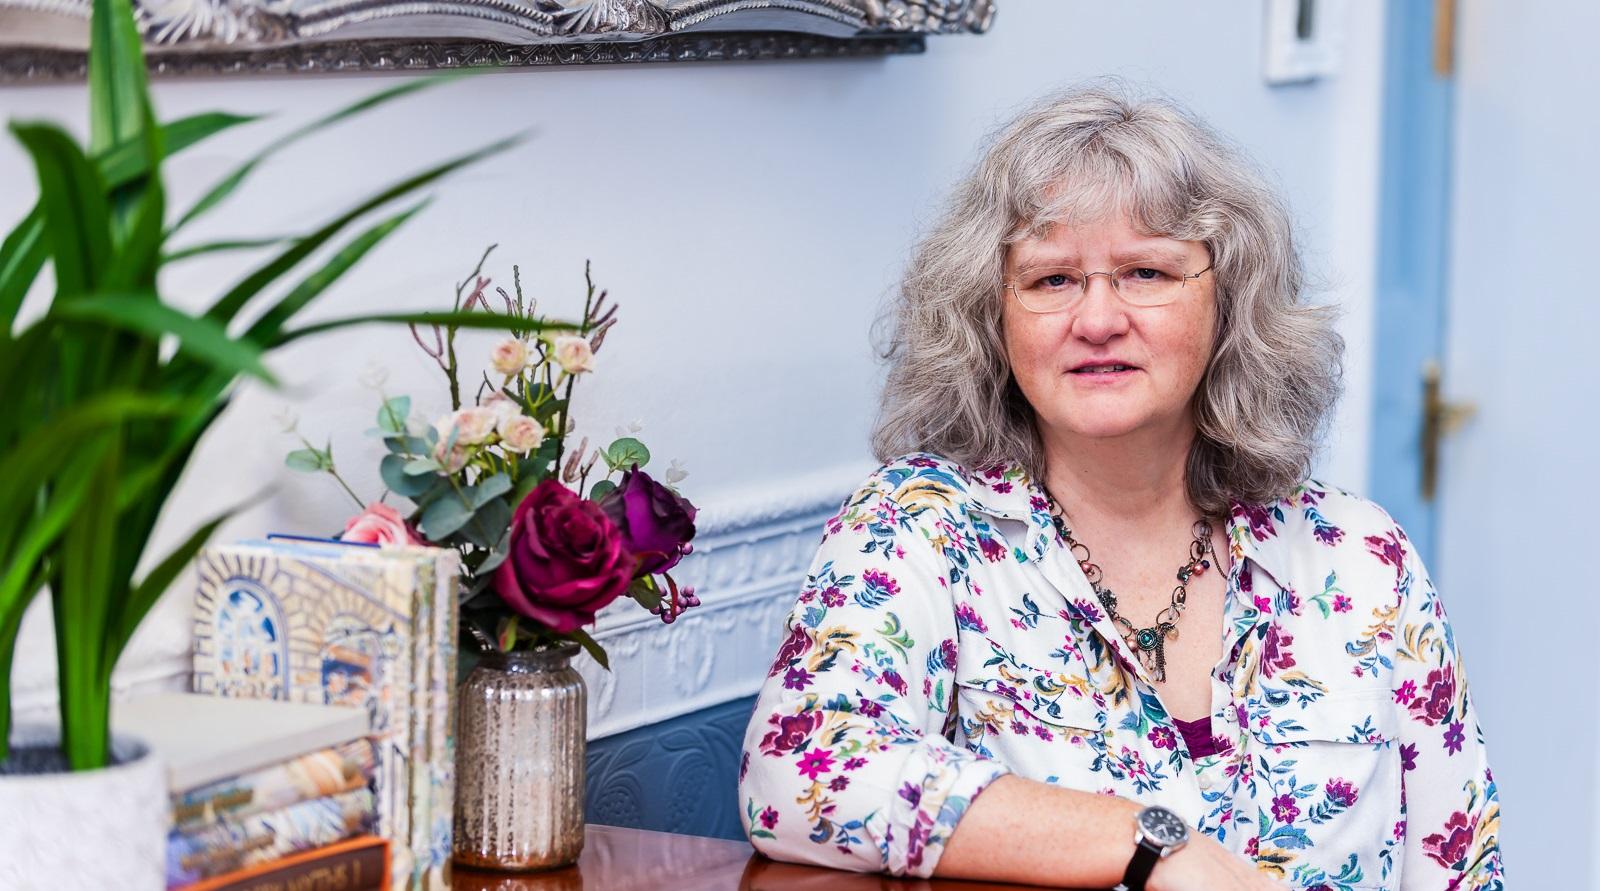 Jackie Latham web designer